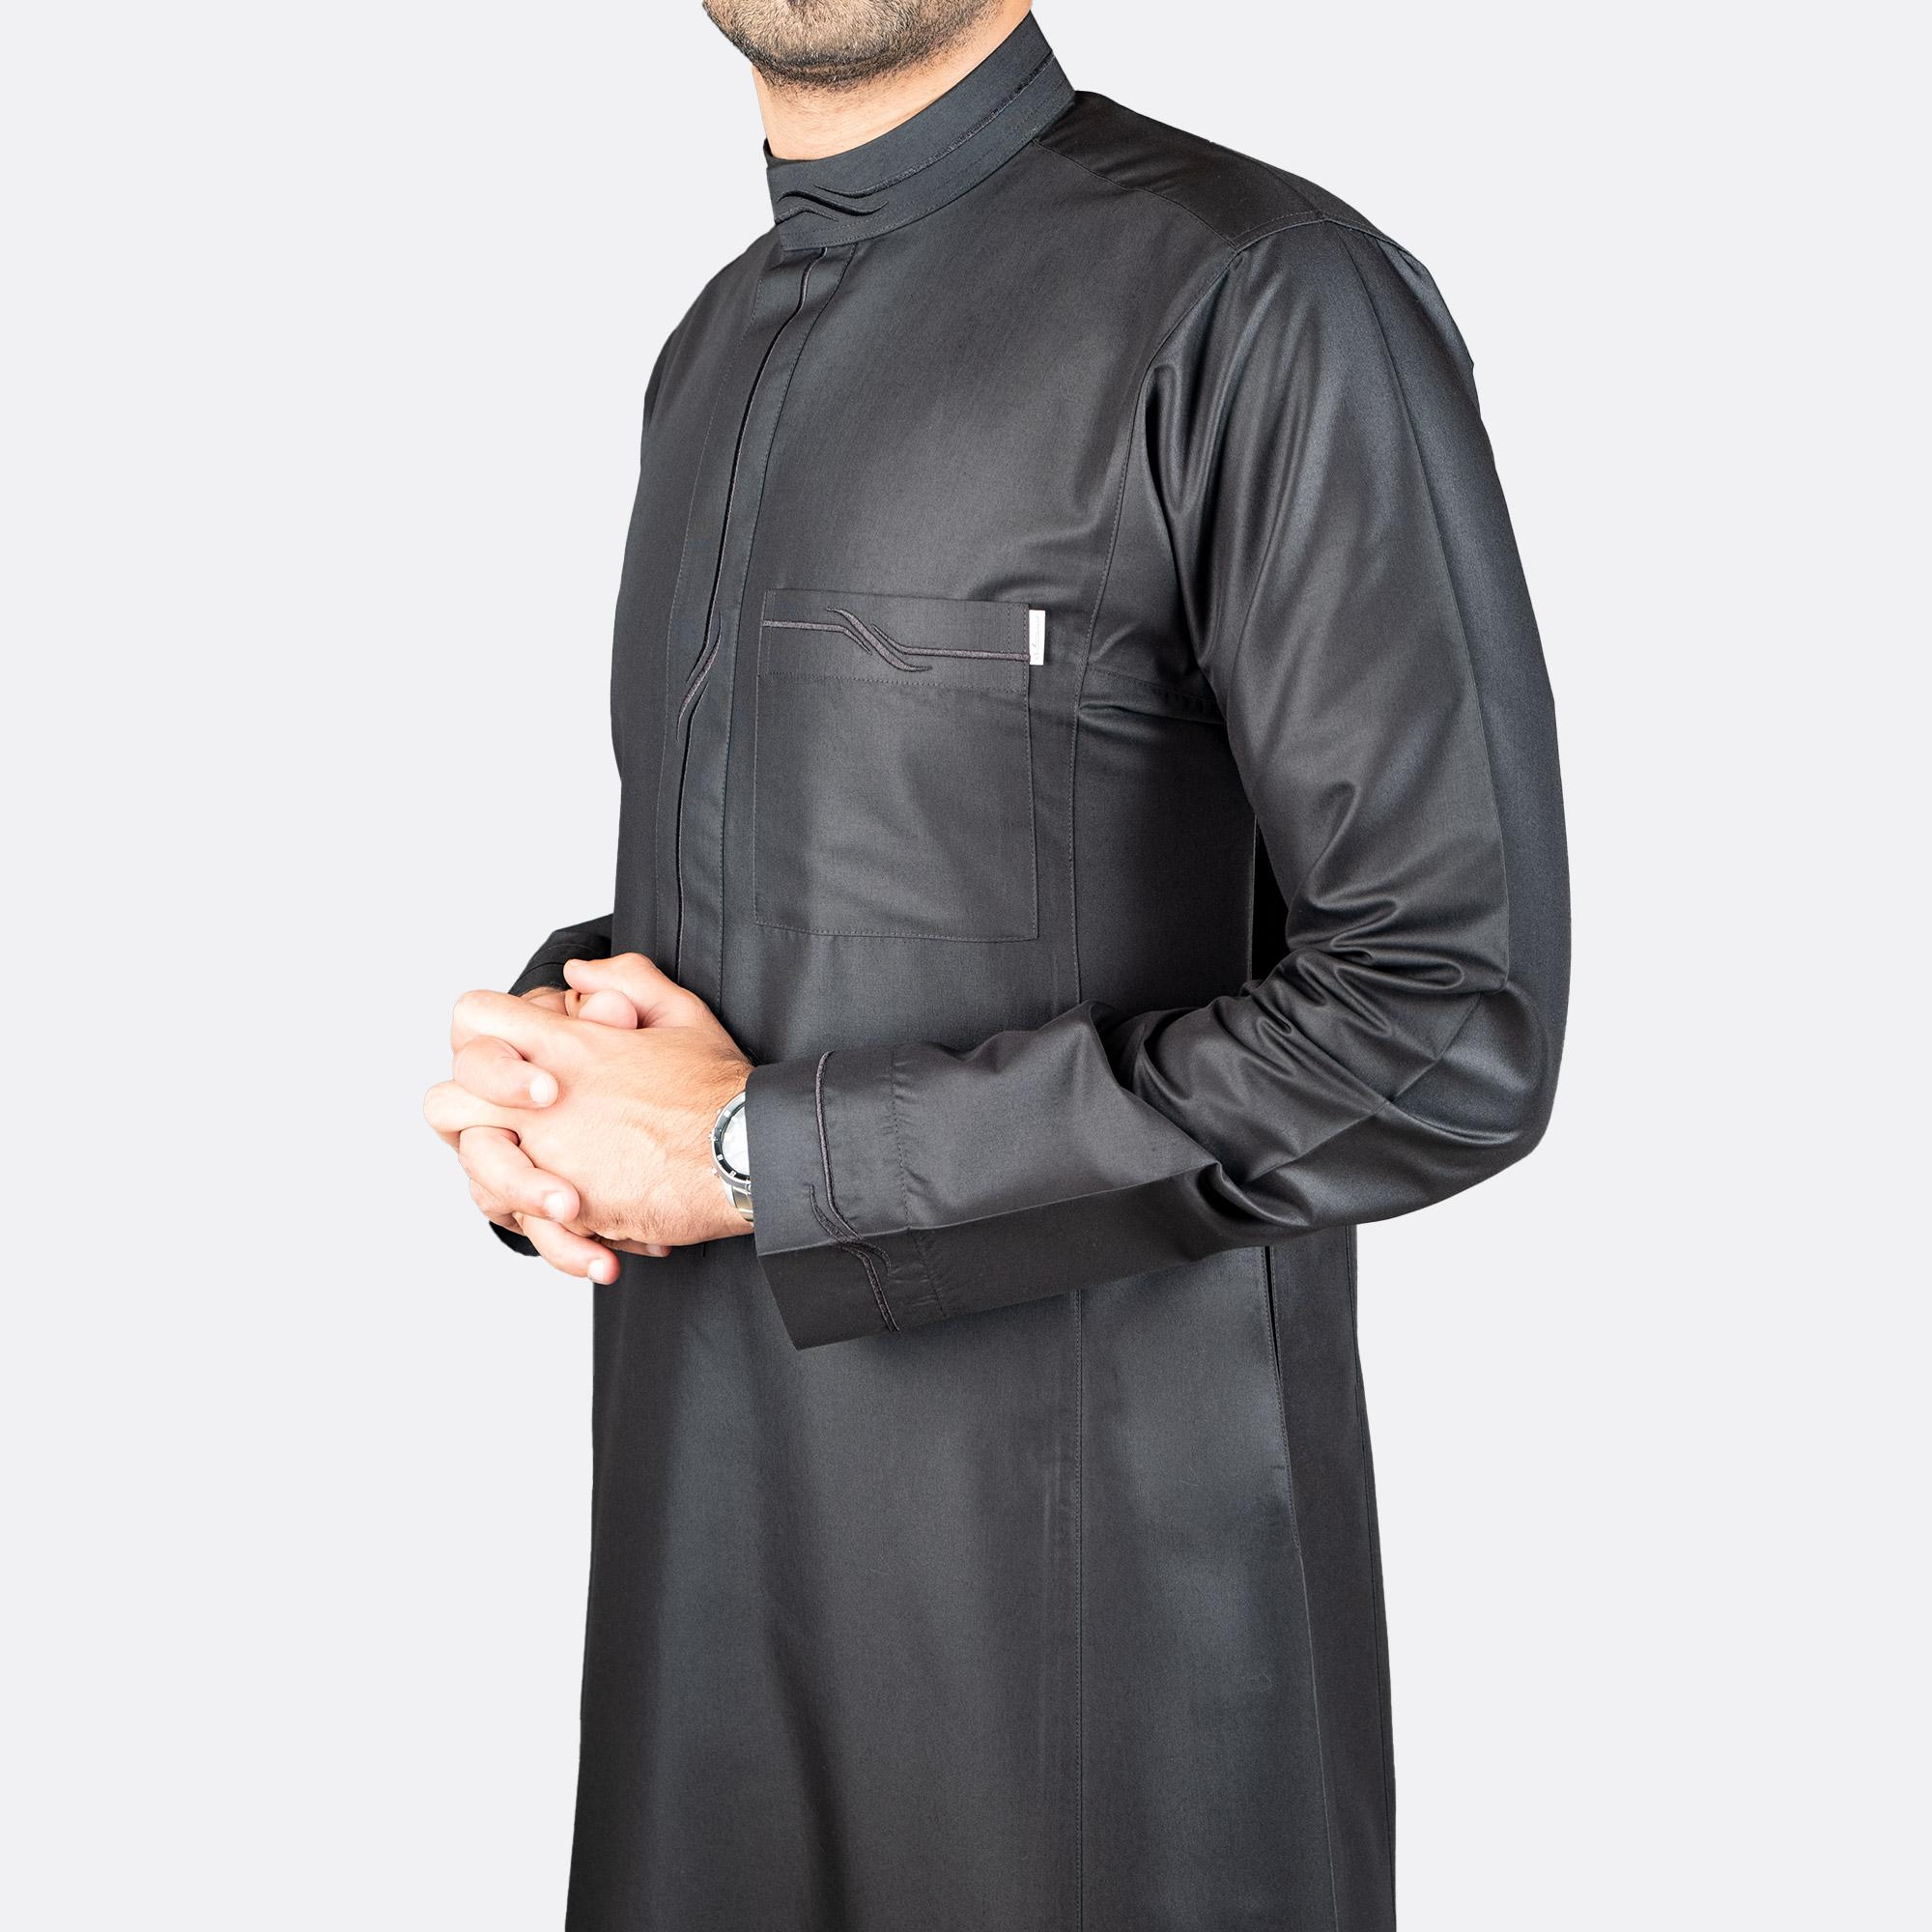 ثوب عصري مطرز  أسود اللون